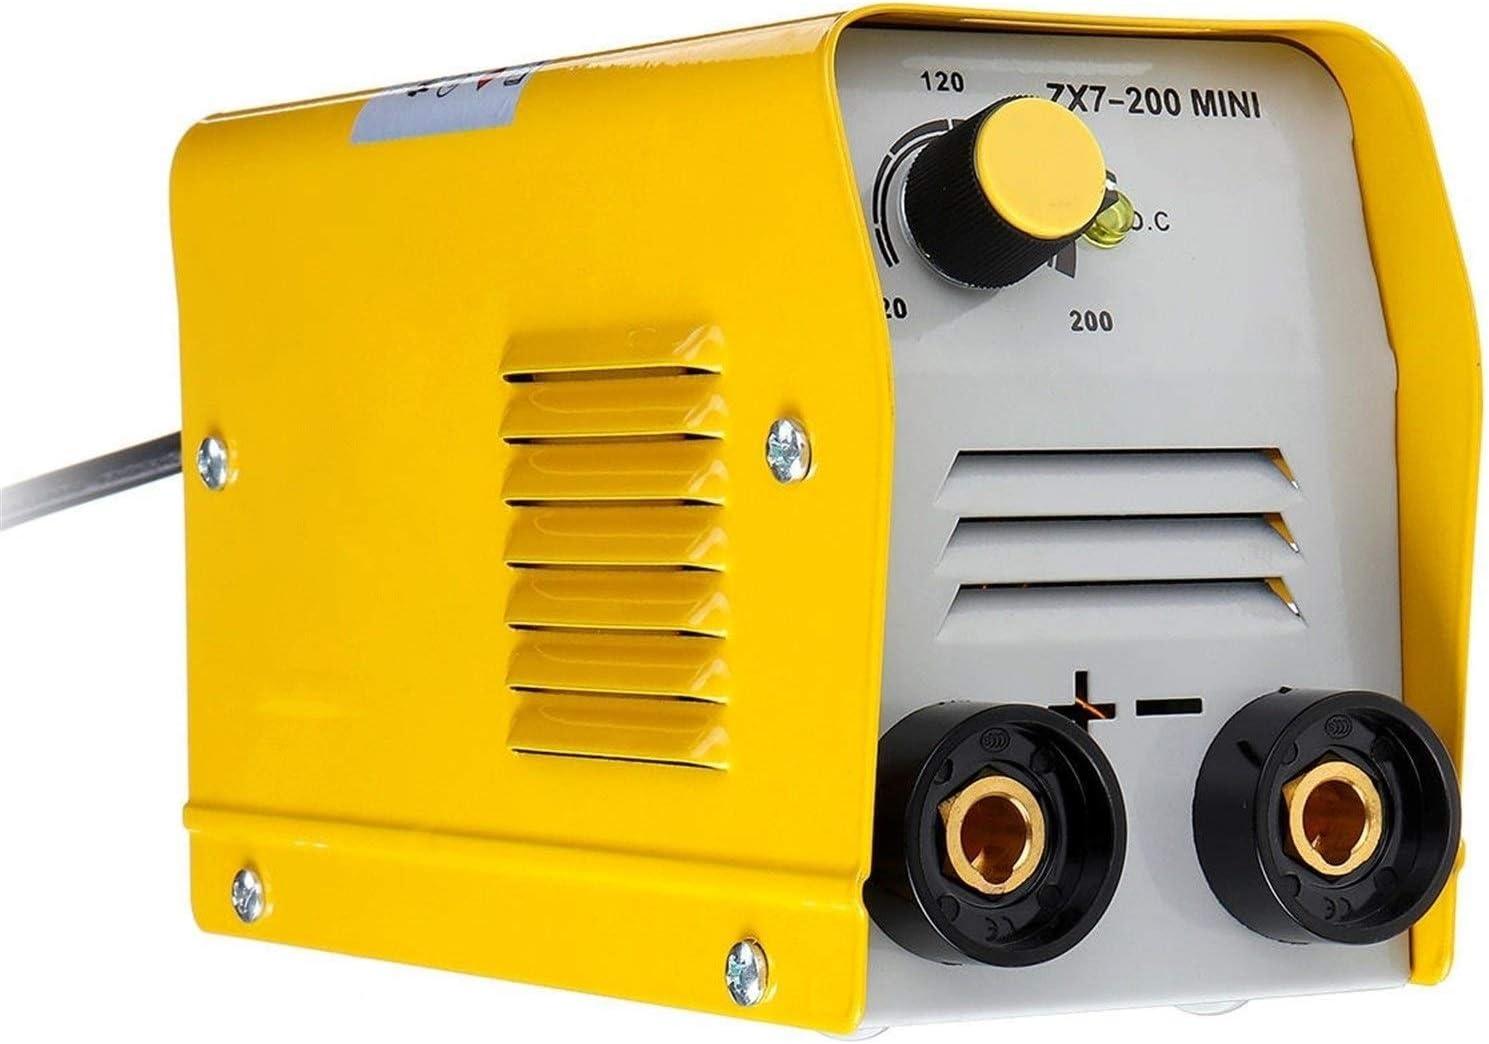 Portátil Máquina de soldadura eléctrica, soldadura 200a 220v pequeña máquina eléctrica de CC de IGBT inversor Arco Mma varilla de soldadura de la máquina Herramientas eléctricas ( Color : Yellow )